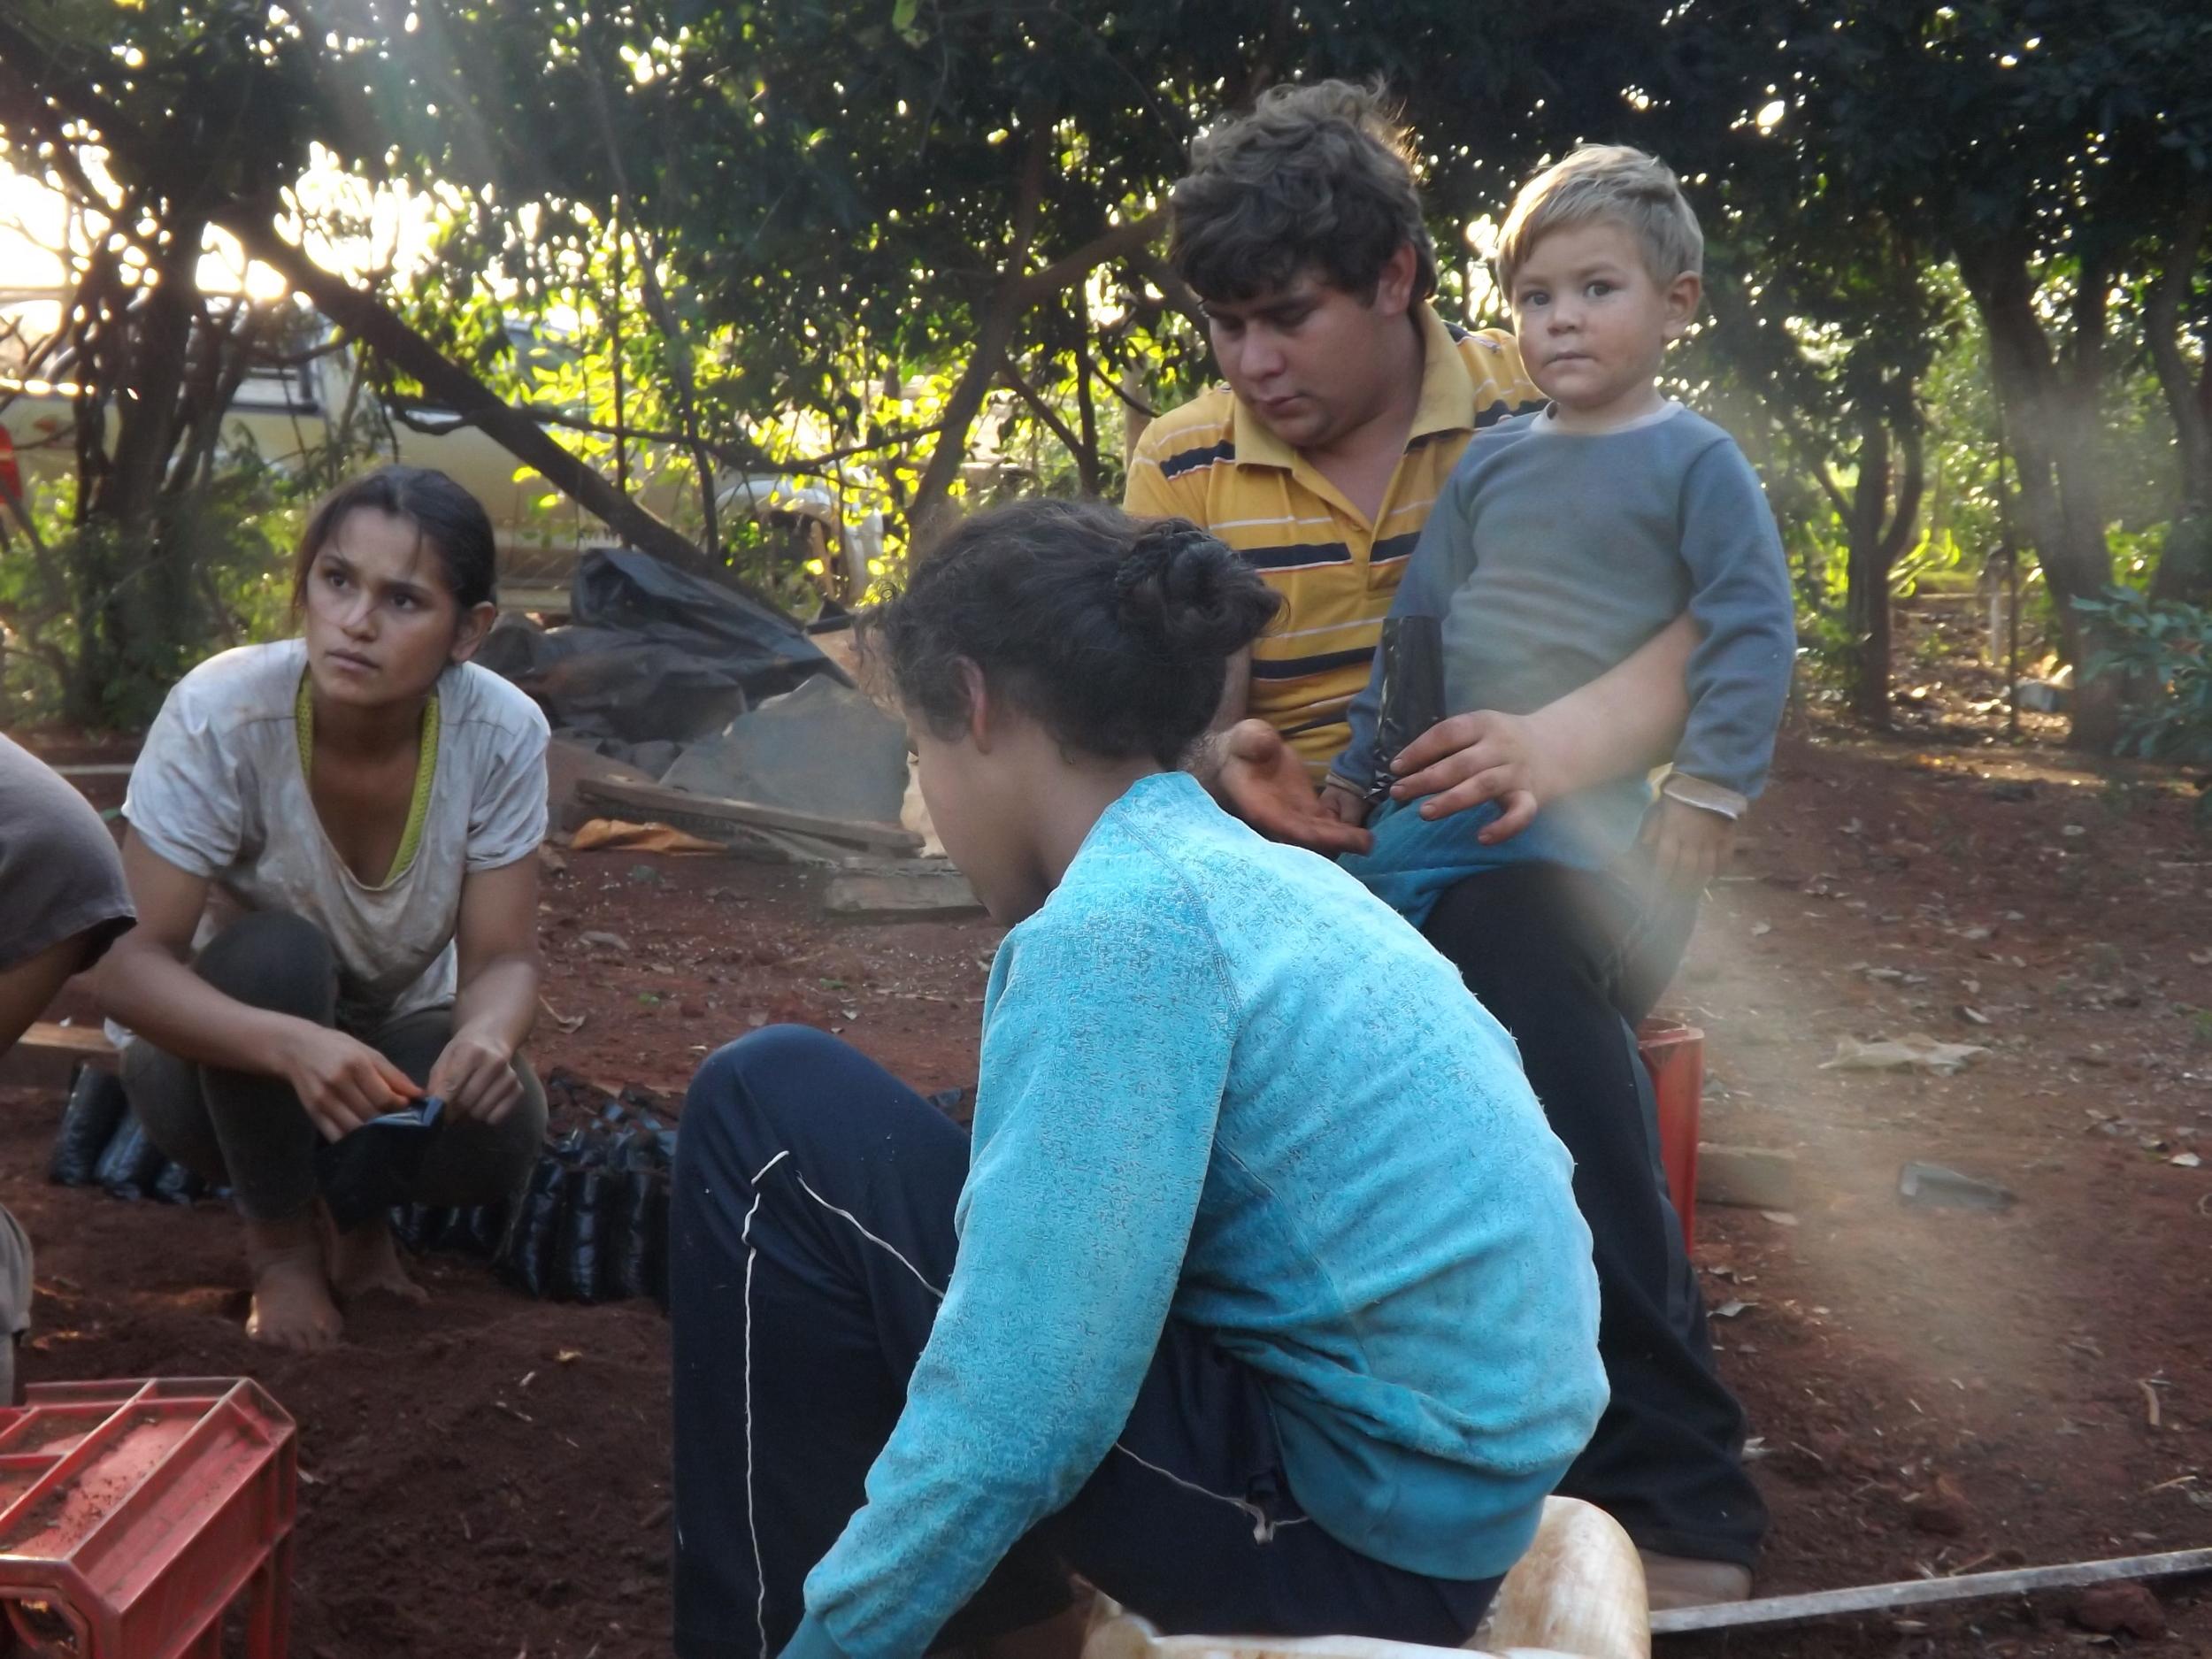 Villalba family.JPG